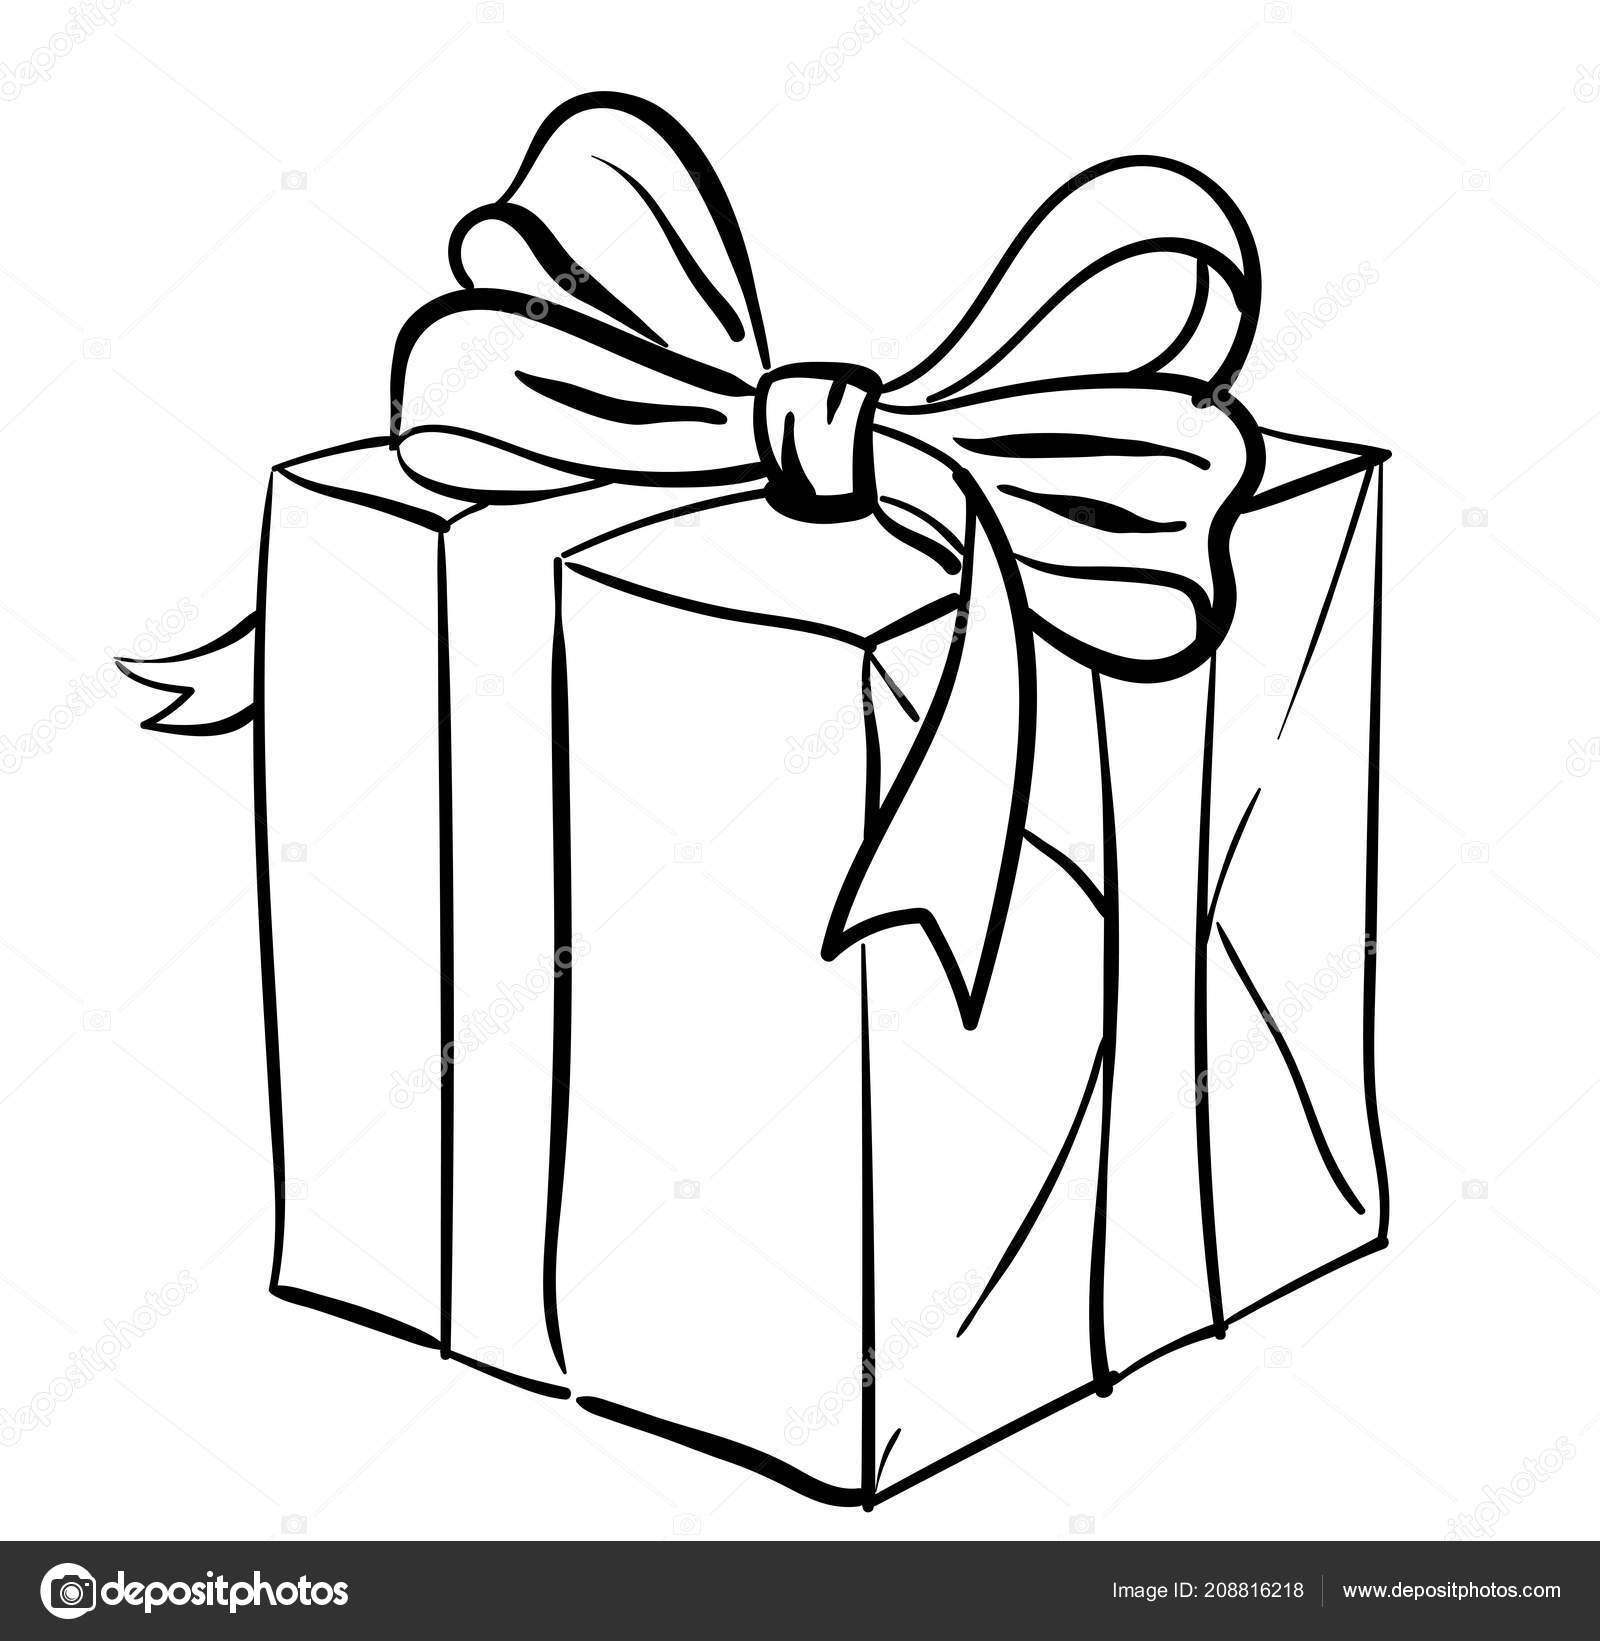 geschenk box vektor schwarz wei skizze der gegenwart isolierte bild stockvektor. Black Bedroom Furniture Sets. Home Design Ideas